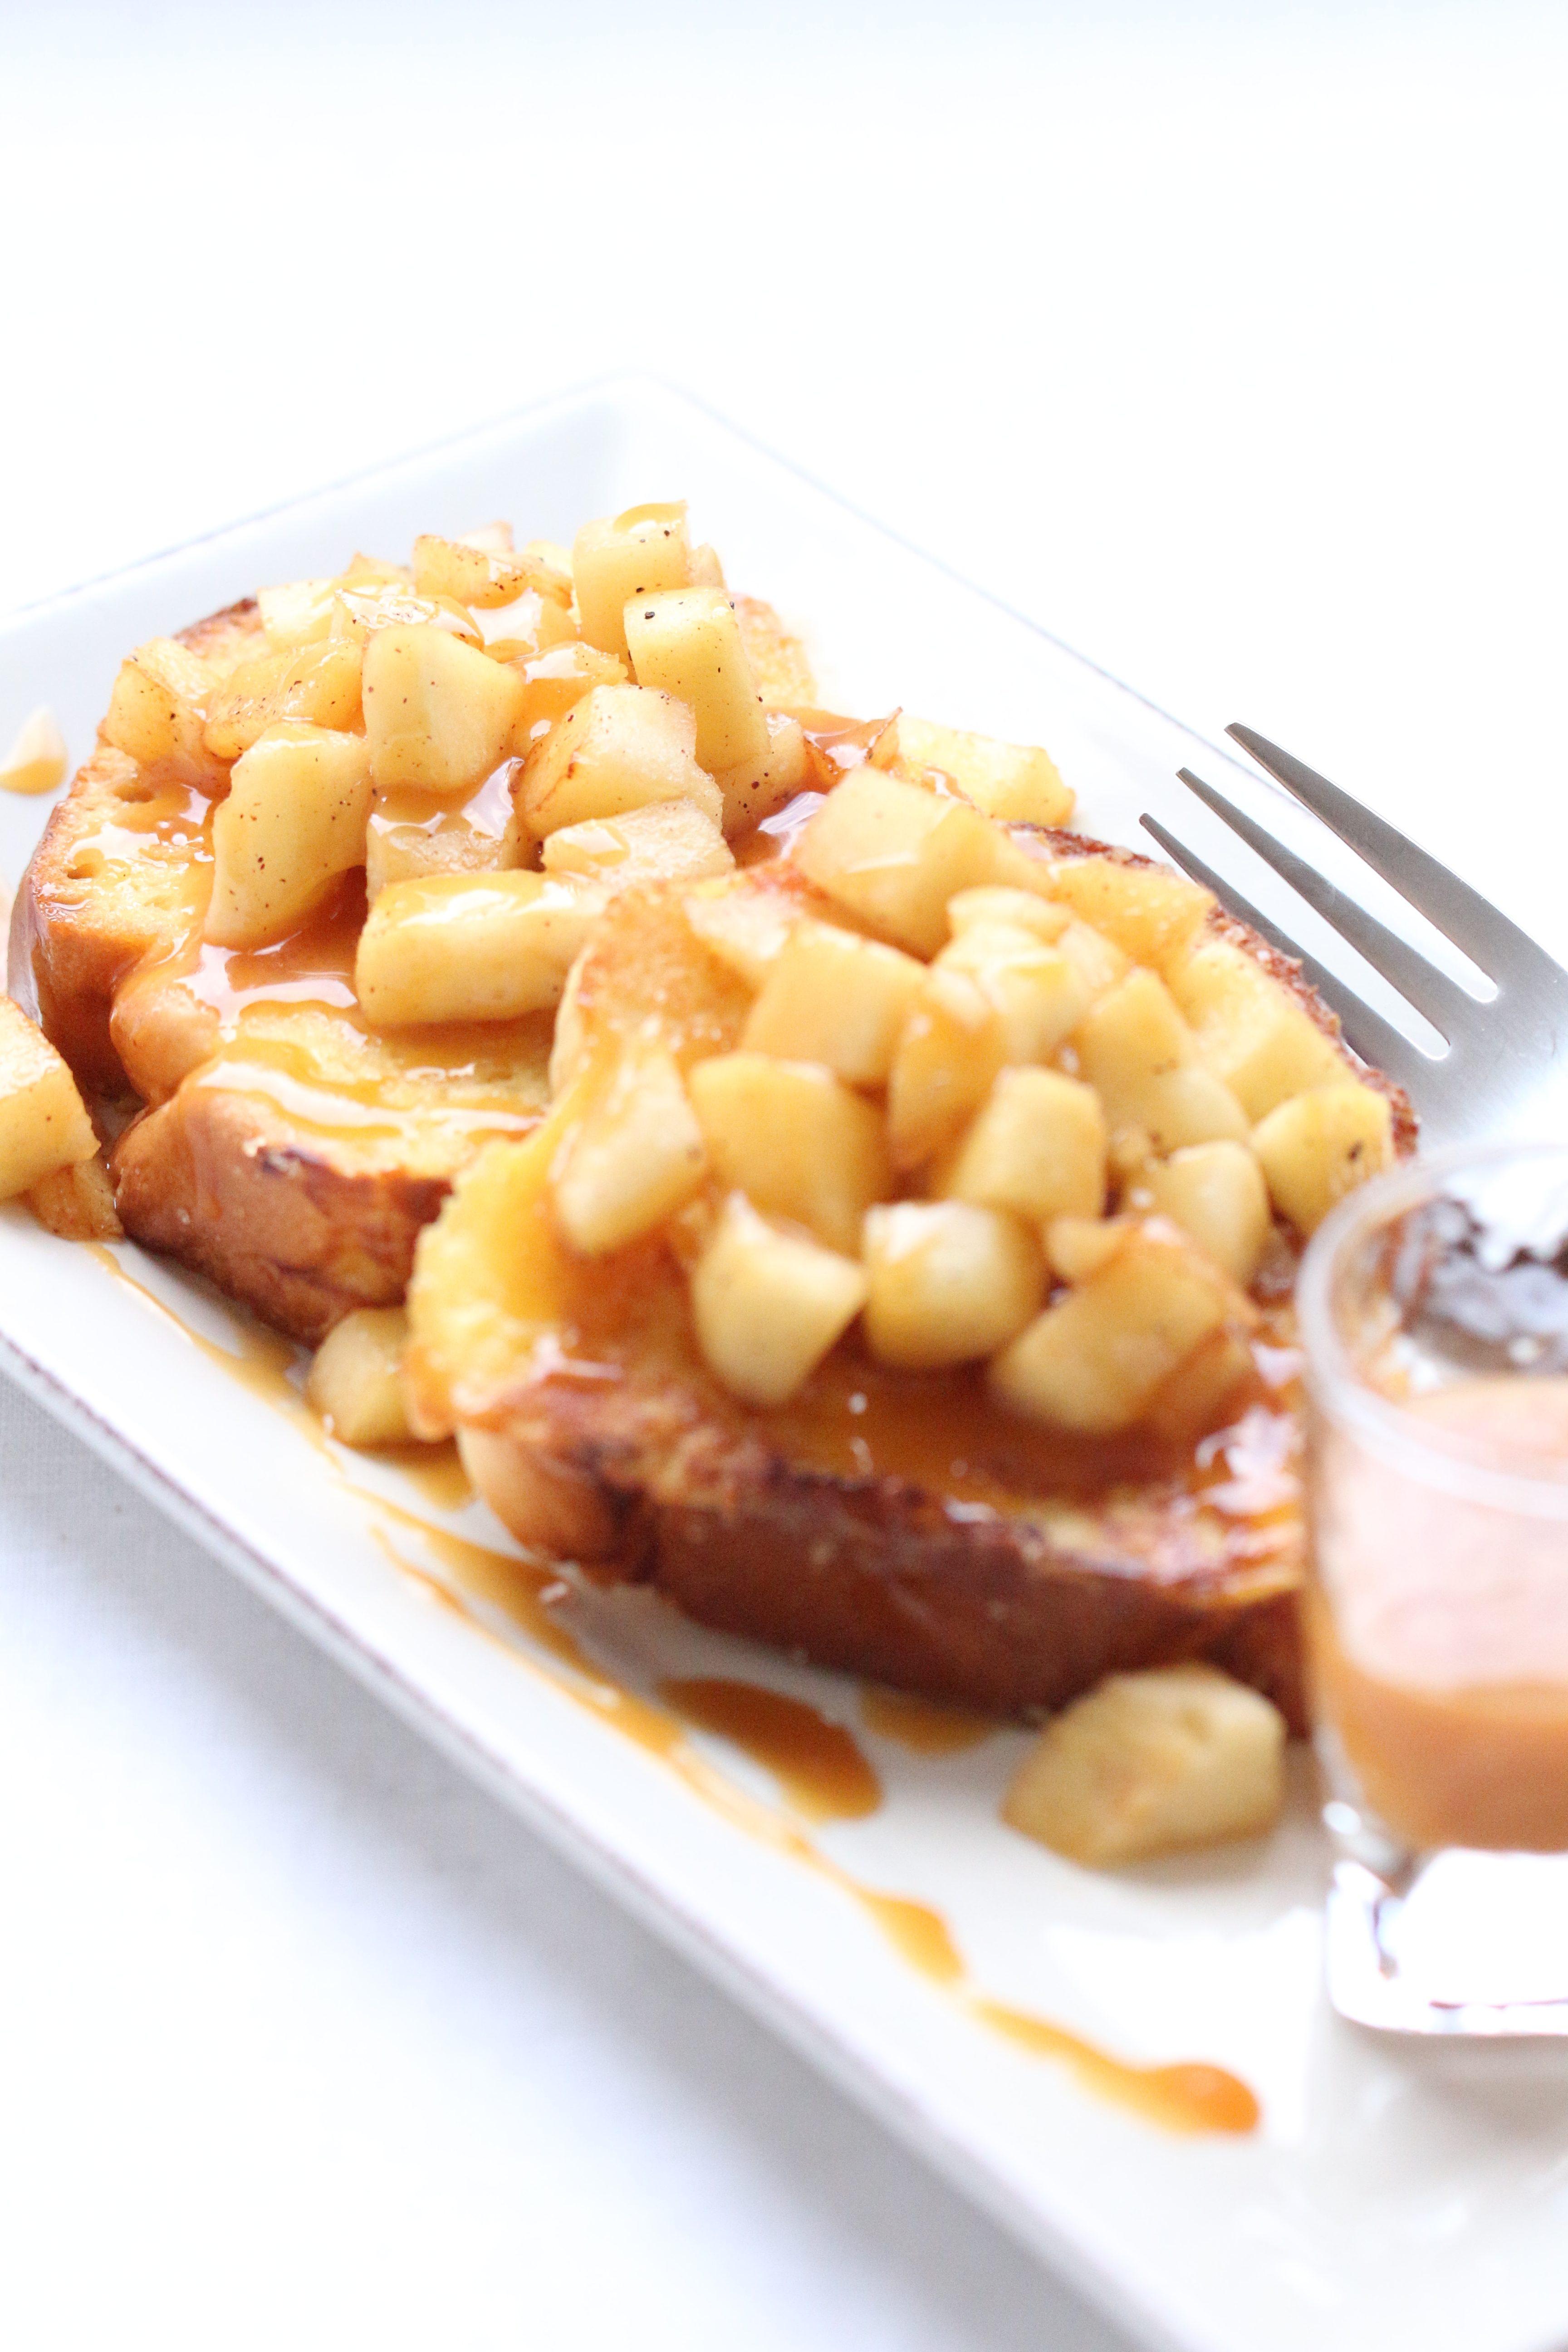 Brioche Perdue aux Pommes, Caramel au Beurre Salé